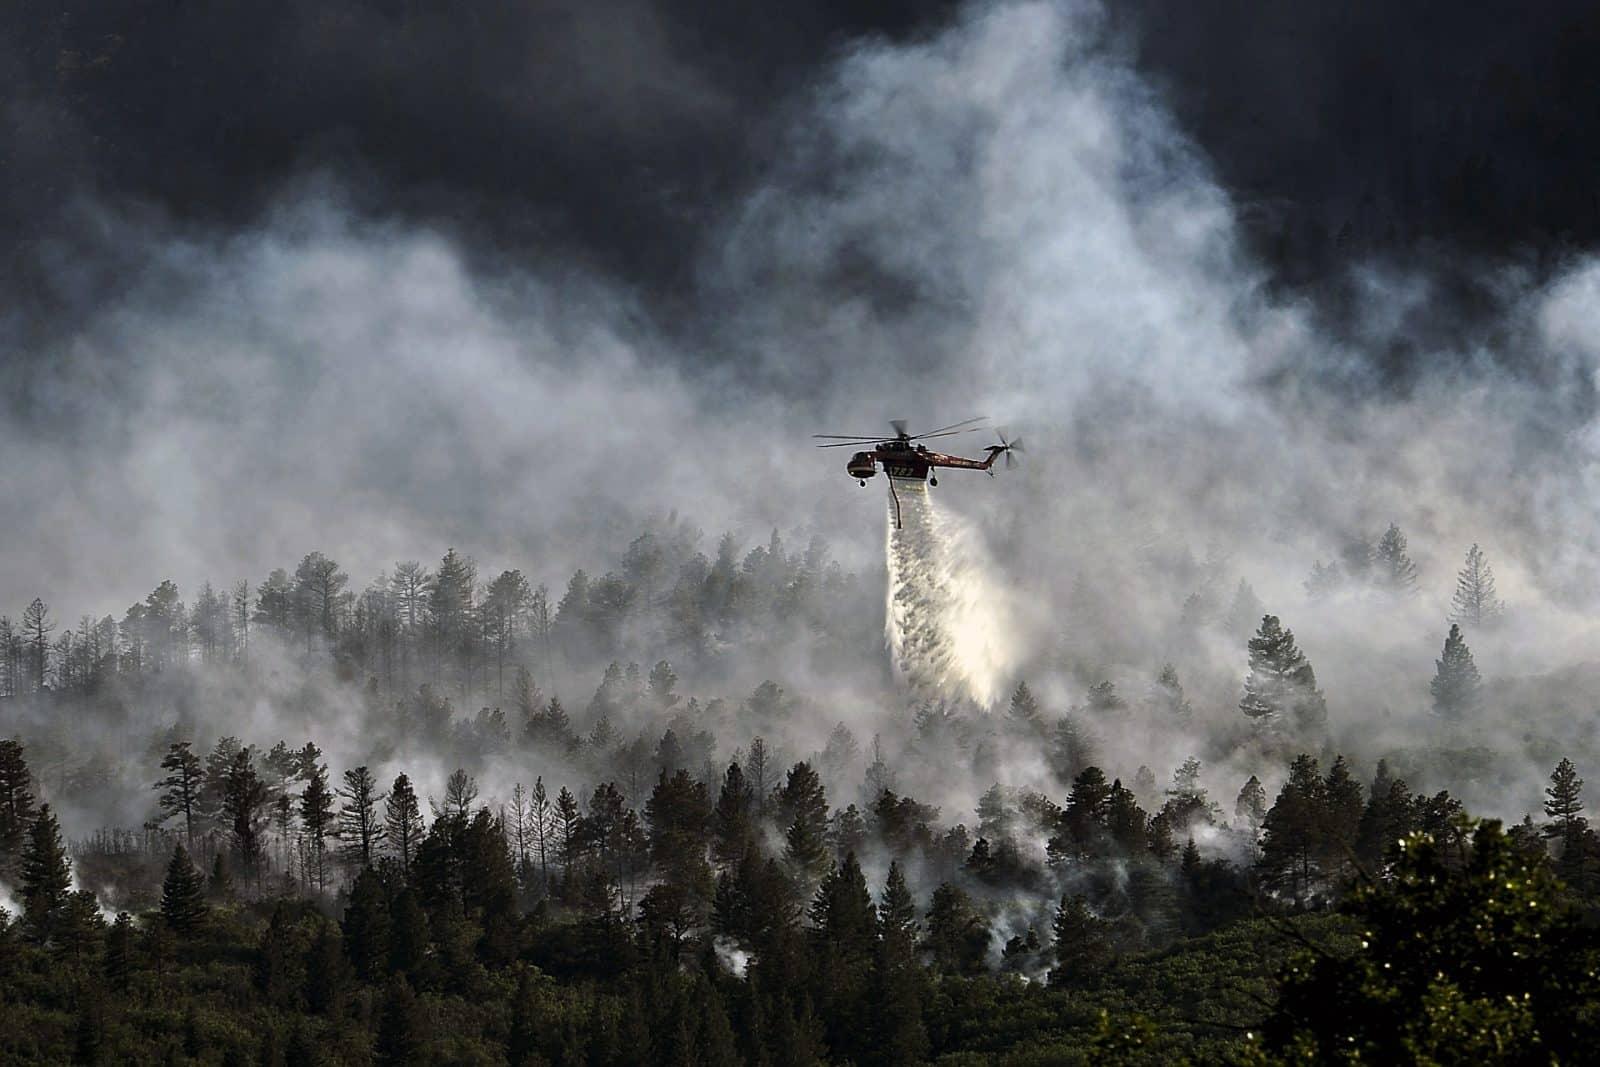 Para combater os incêndios na Austrália, exército e defesa civil de vários países tem unido forças e enviado helicópteros a fim de salvar vidas.